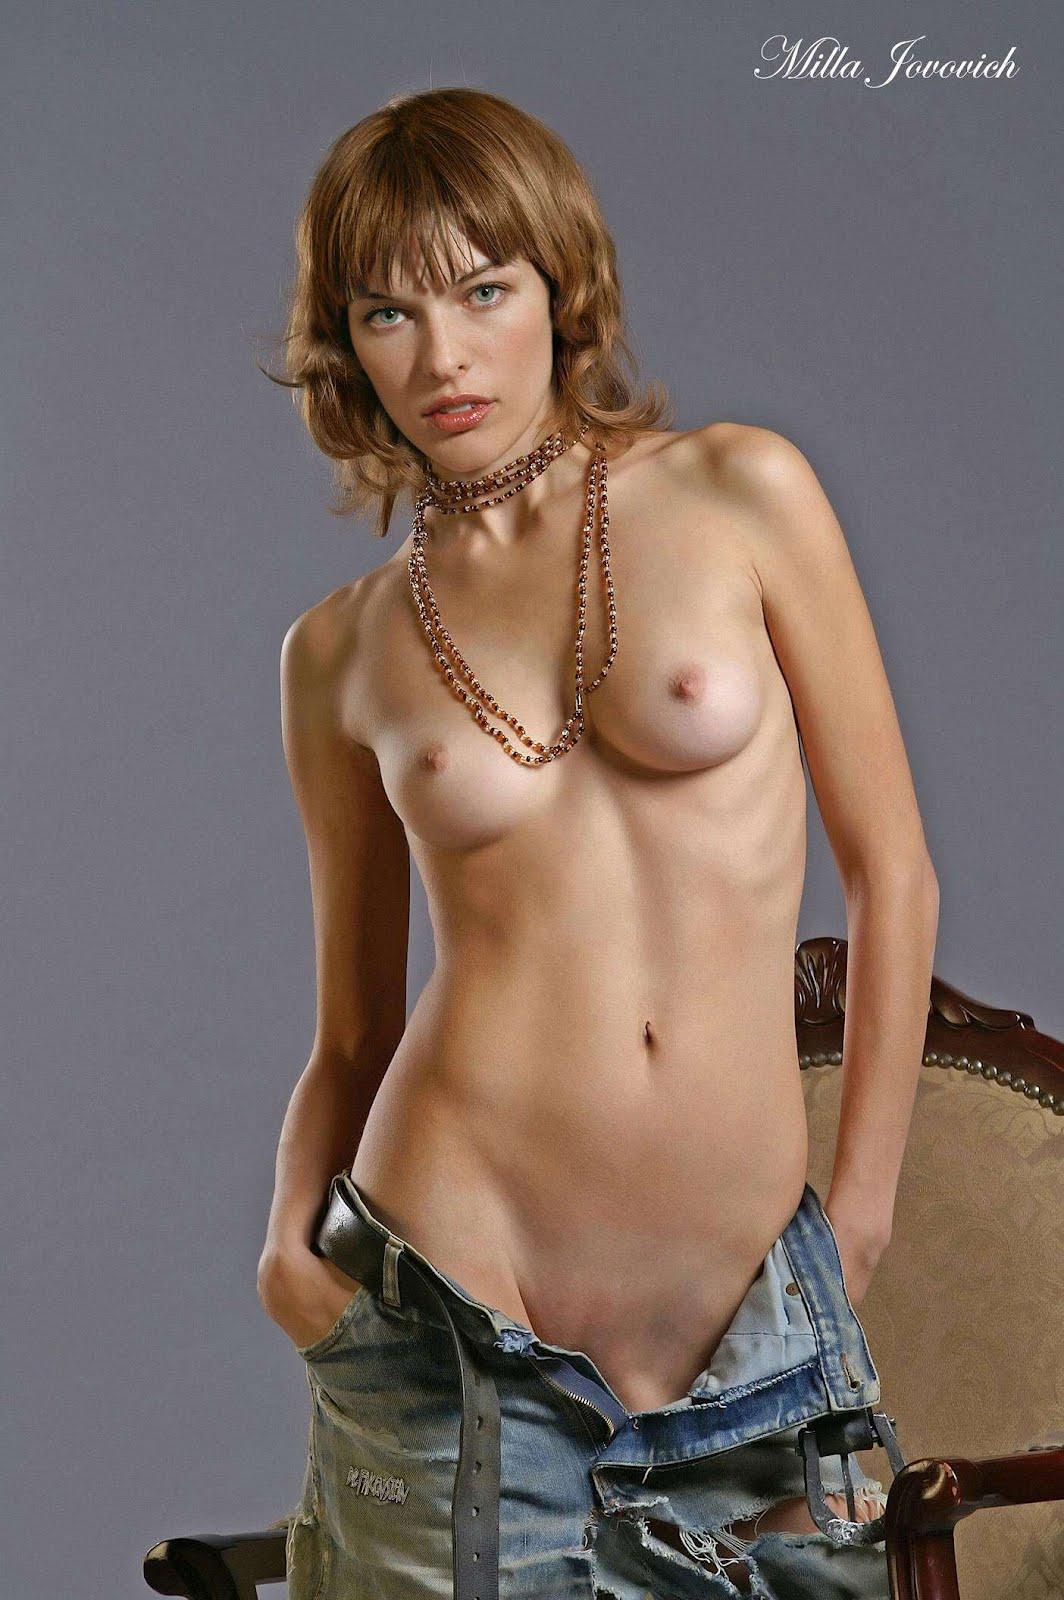 Milla Jovovich Nude Gallery